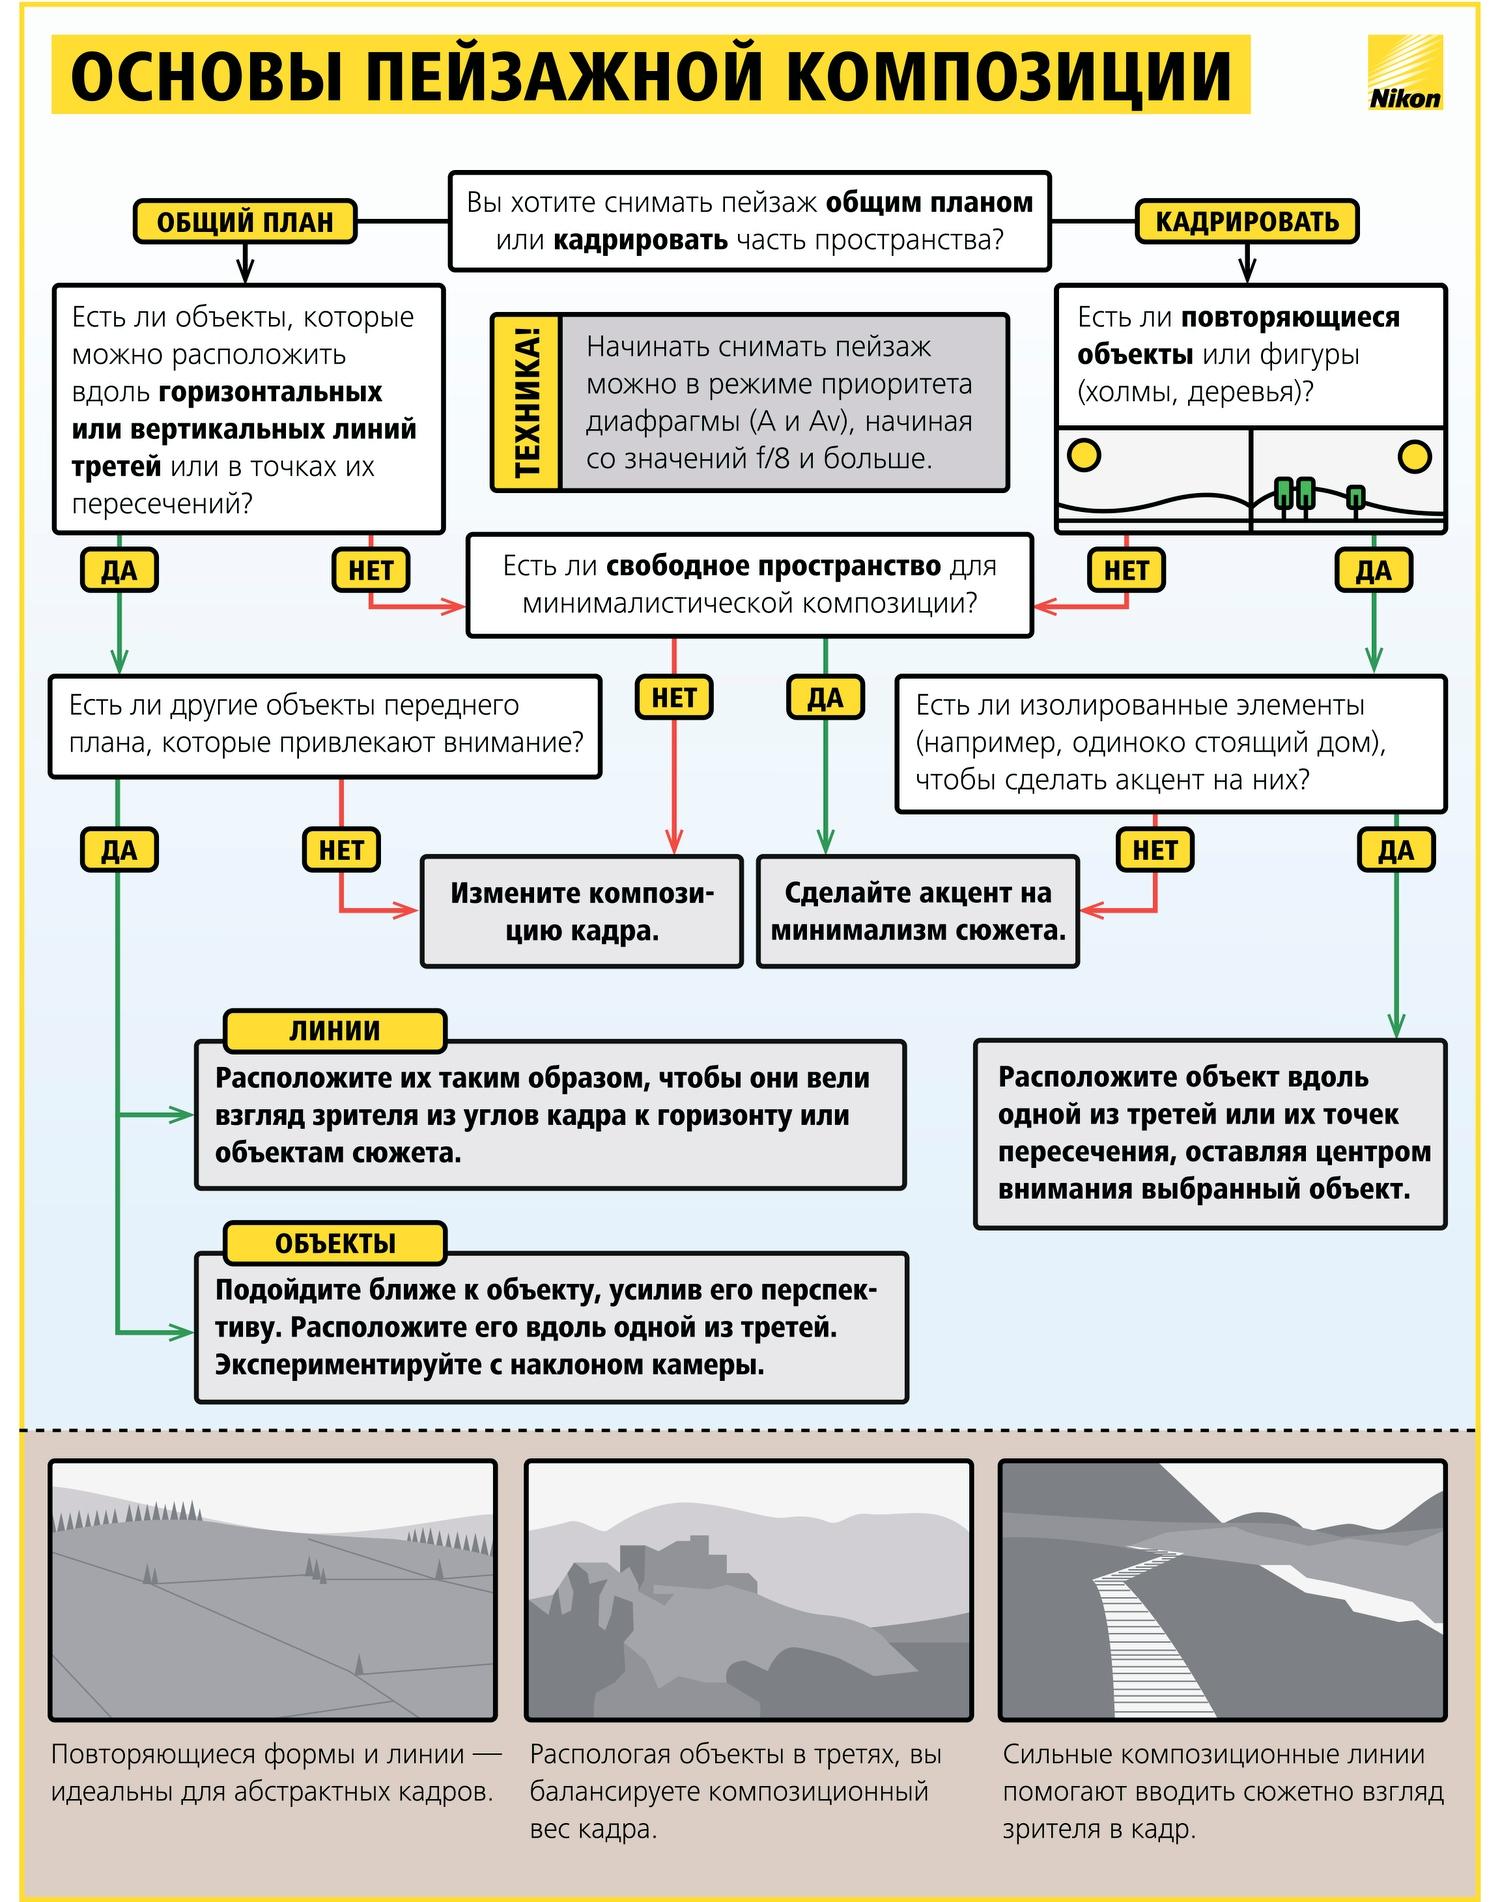 Как научиться фотографировать: пошаговая инструкция от Nikon Info_nikon_17